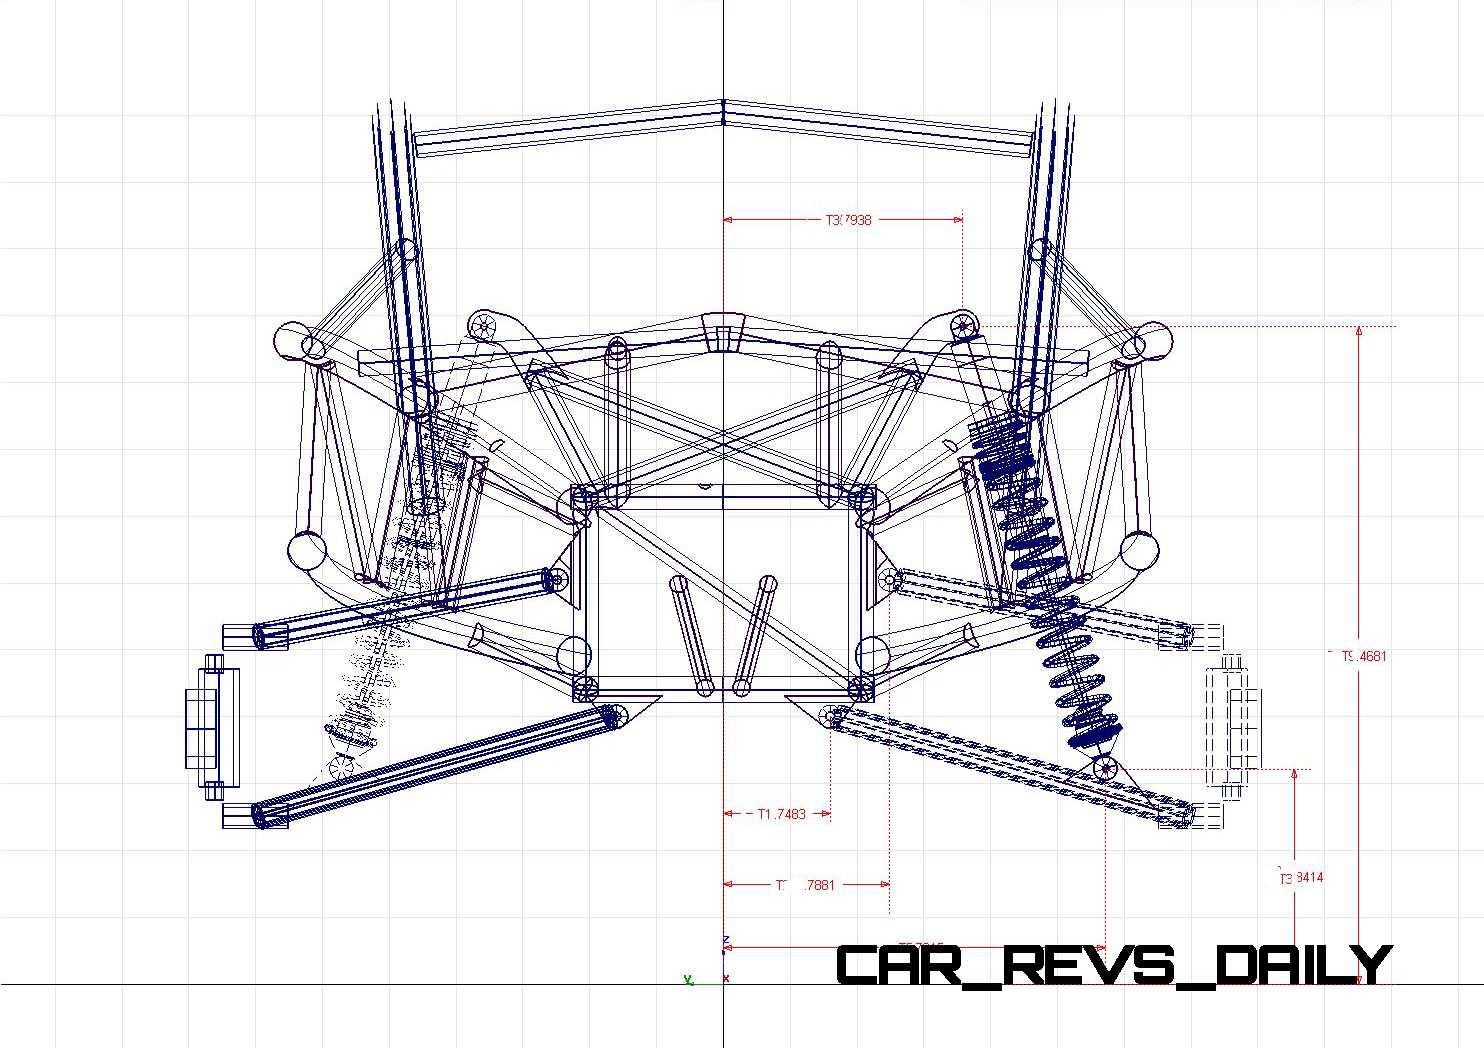 ariel atom v8 engine diagram ford 46 v8 engine diagram